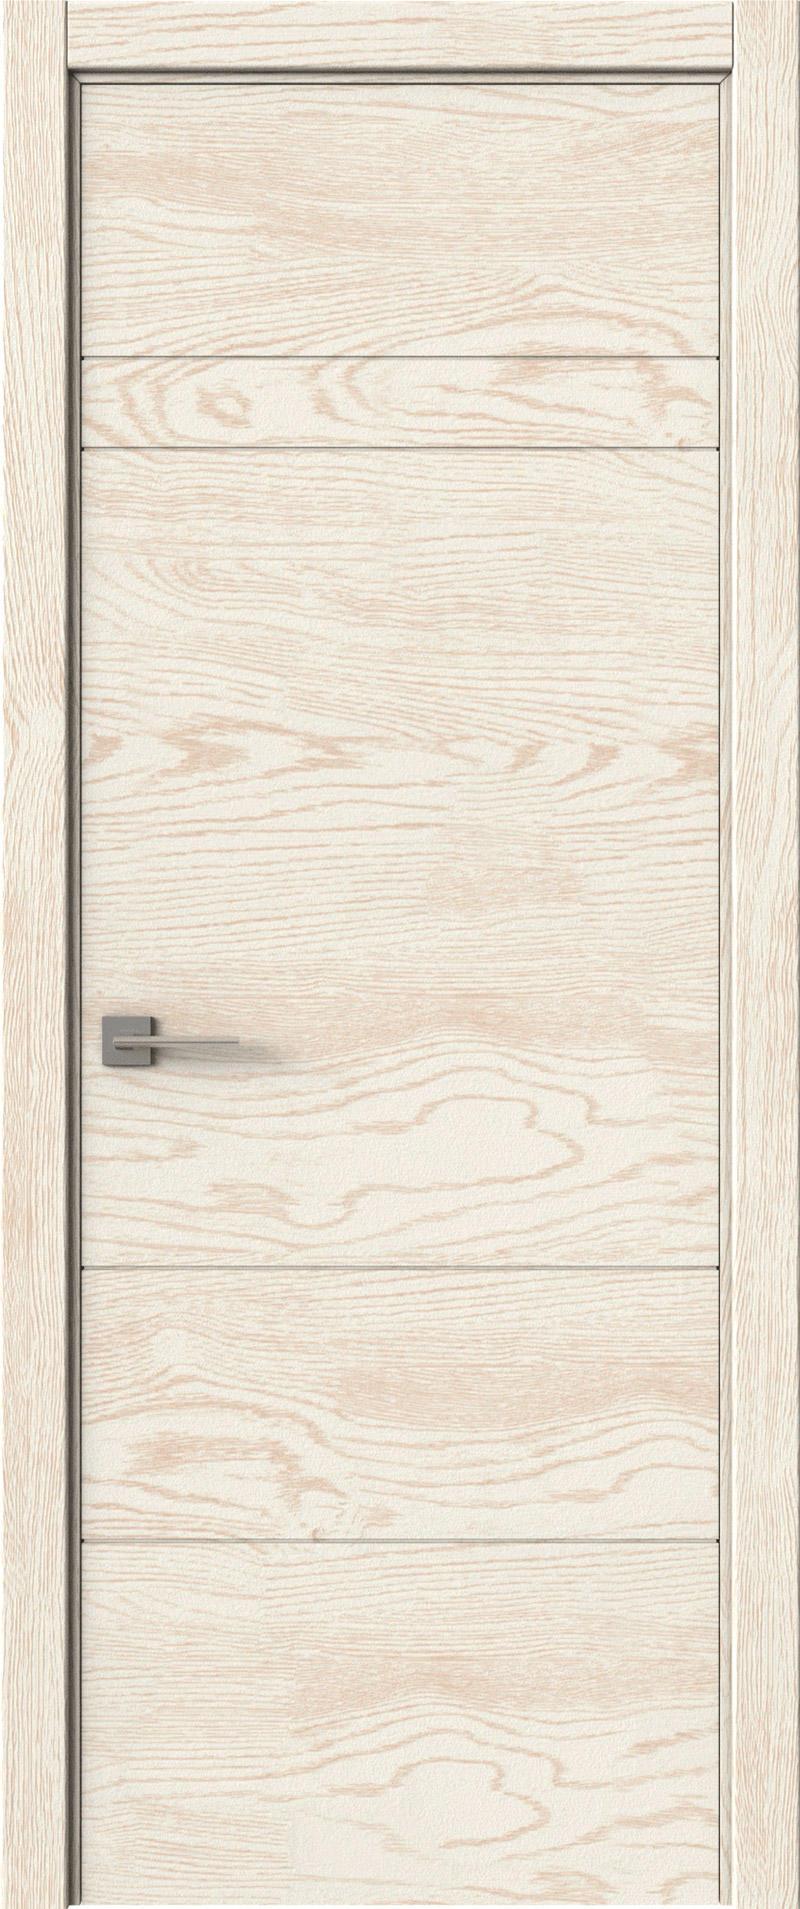 Tivoli К-2 цвет - Белый ясень (шпон) Без стекла (ДГ)